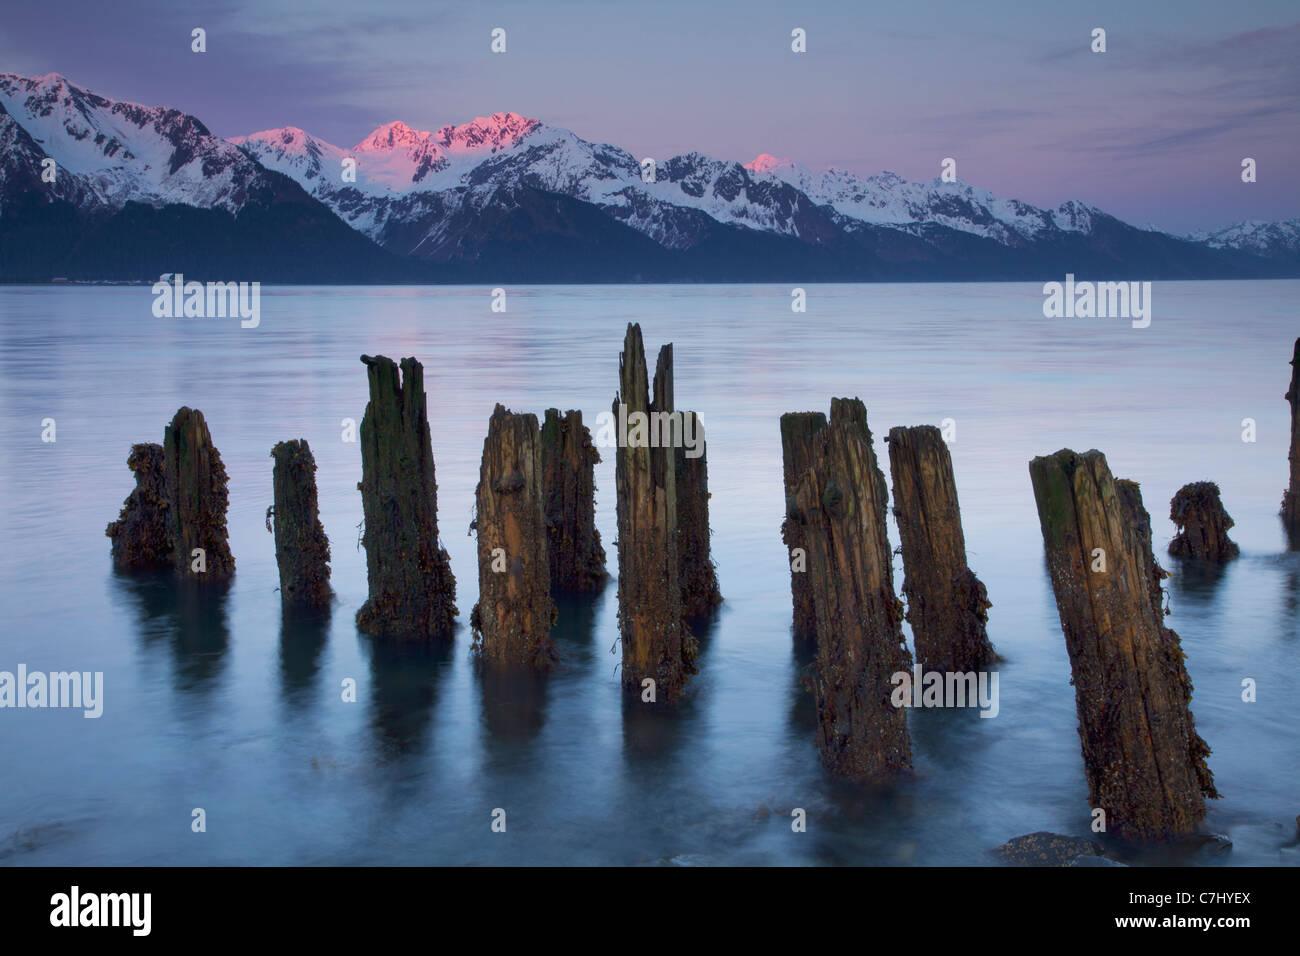 La risurrezione Bay, Seward, Alaska. Immagini Stock